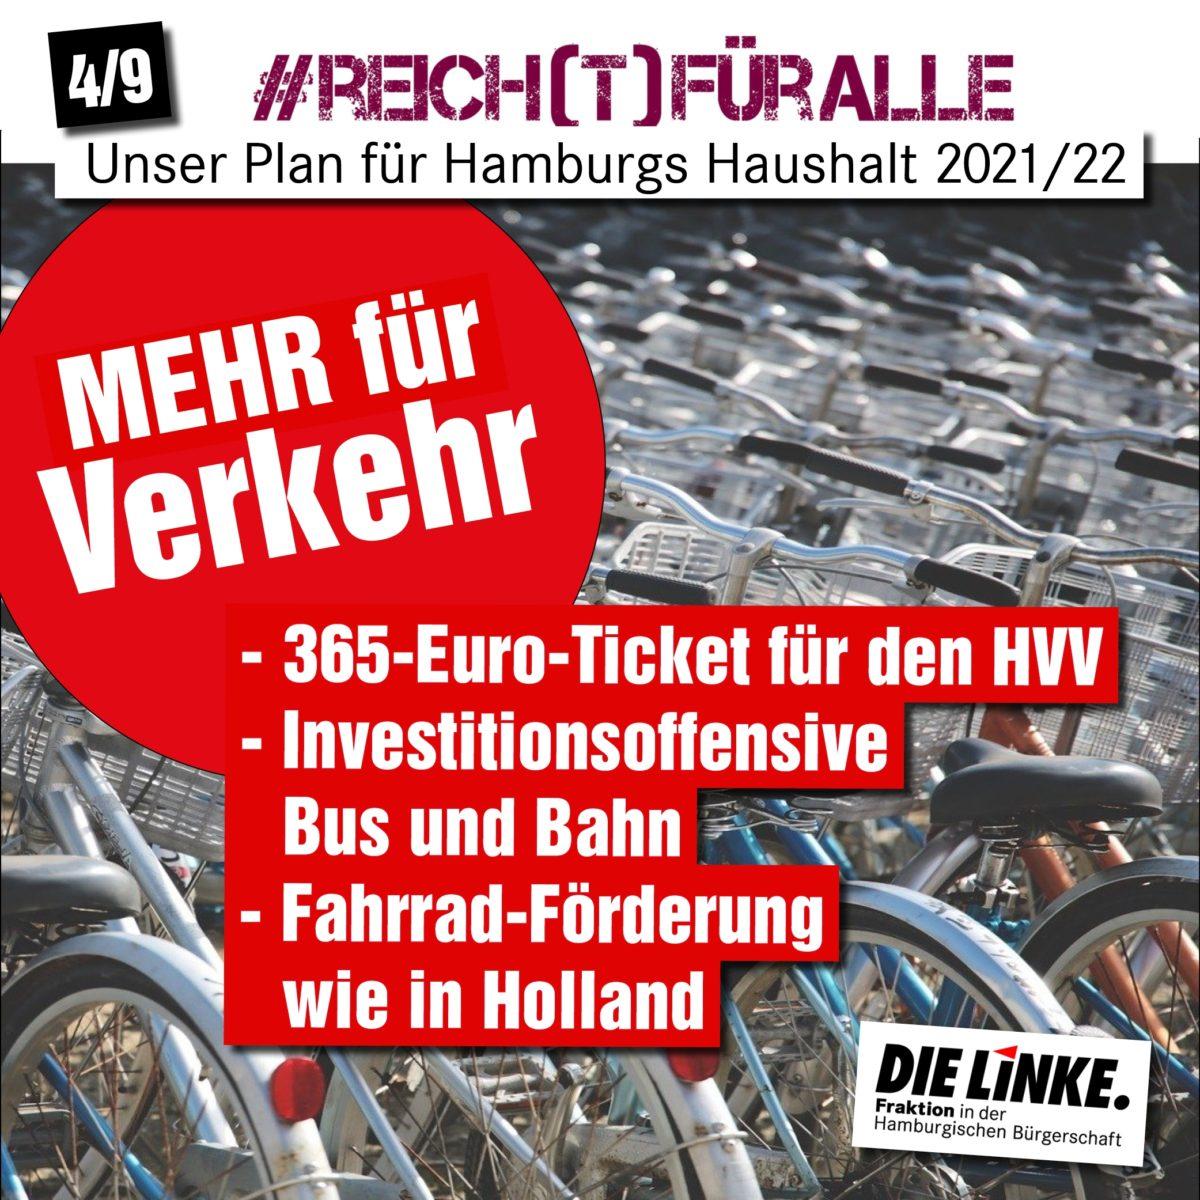 HVV: LINKE fordert 365 Euro-Ticket und kostenfreie Nutzung für junge Menschen und Leistungsbezieher:innen